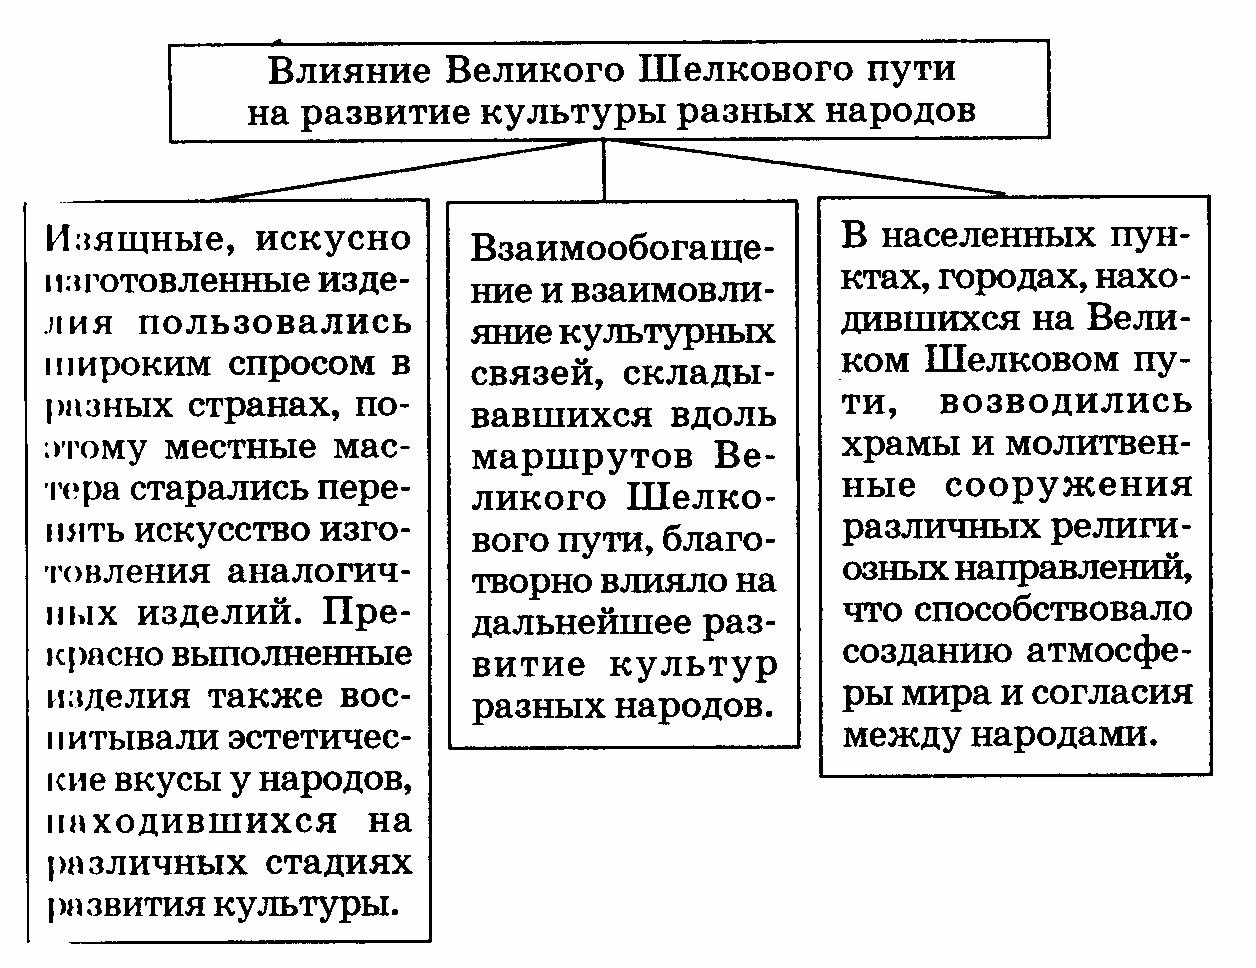 Искать поурочные планы по истории казахстана для 7 класса